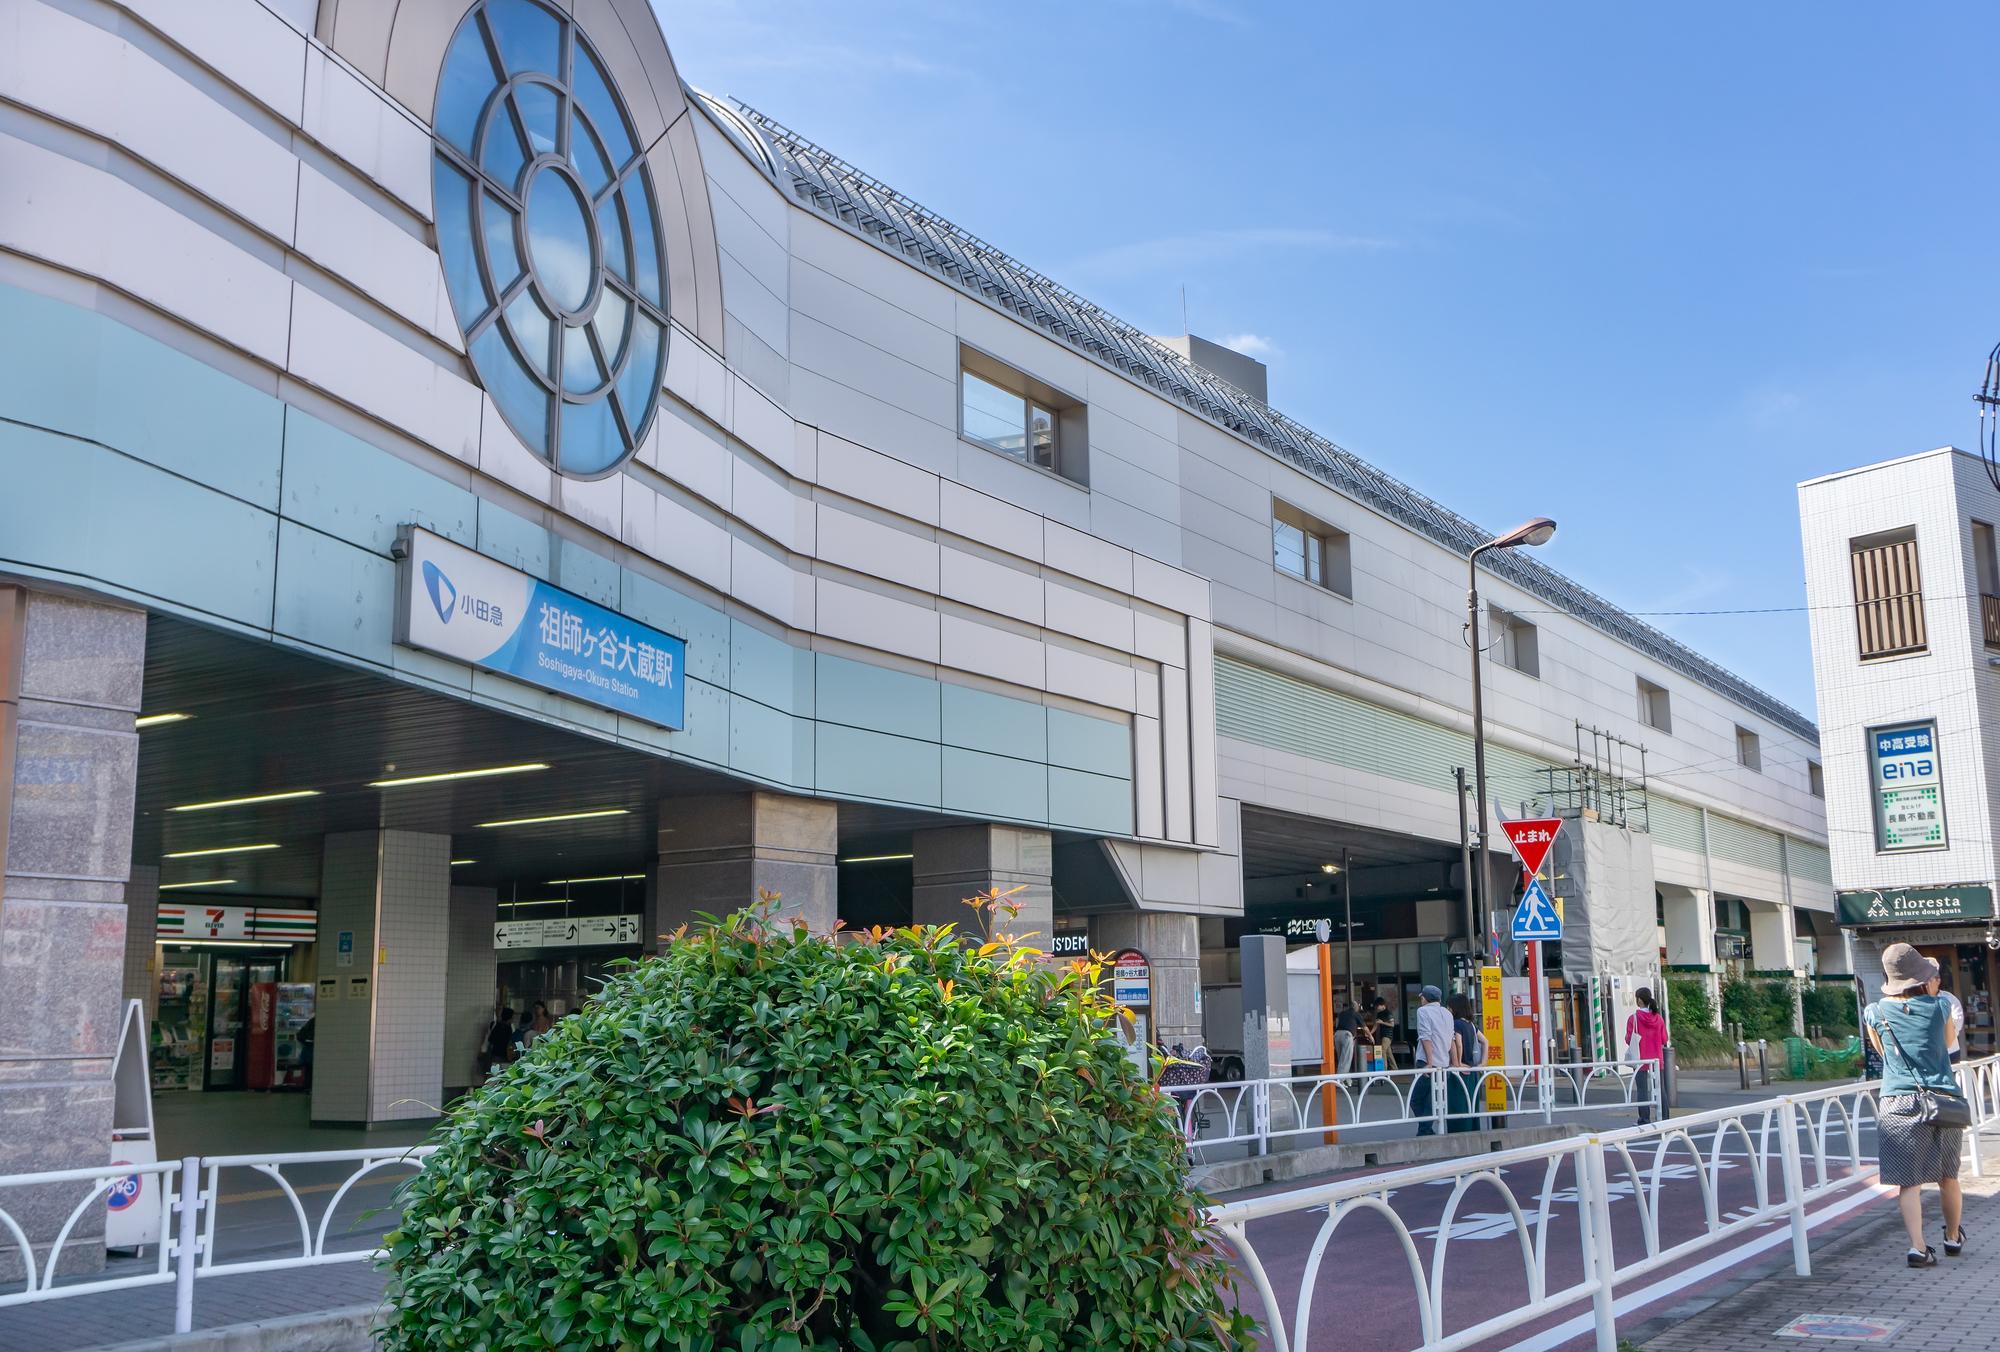 土曜に通院したい方へ!祖師ヶ谷大蔵駅の歯医者さん、おすすめポイント紹介